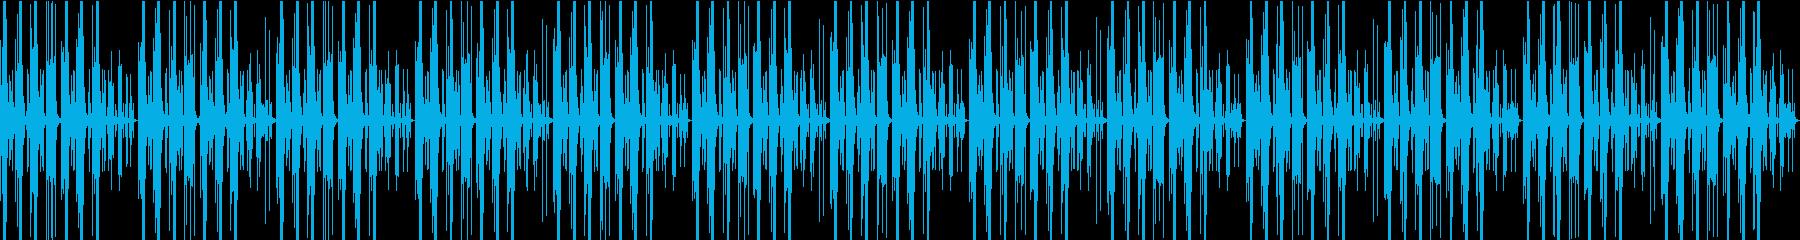 ゆるい日常系のBGMの再生済みの波形